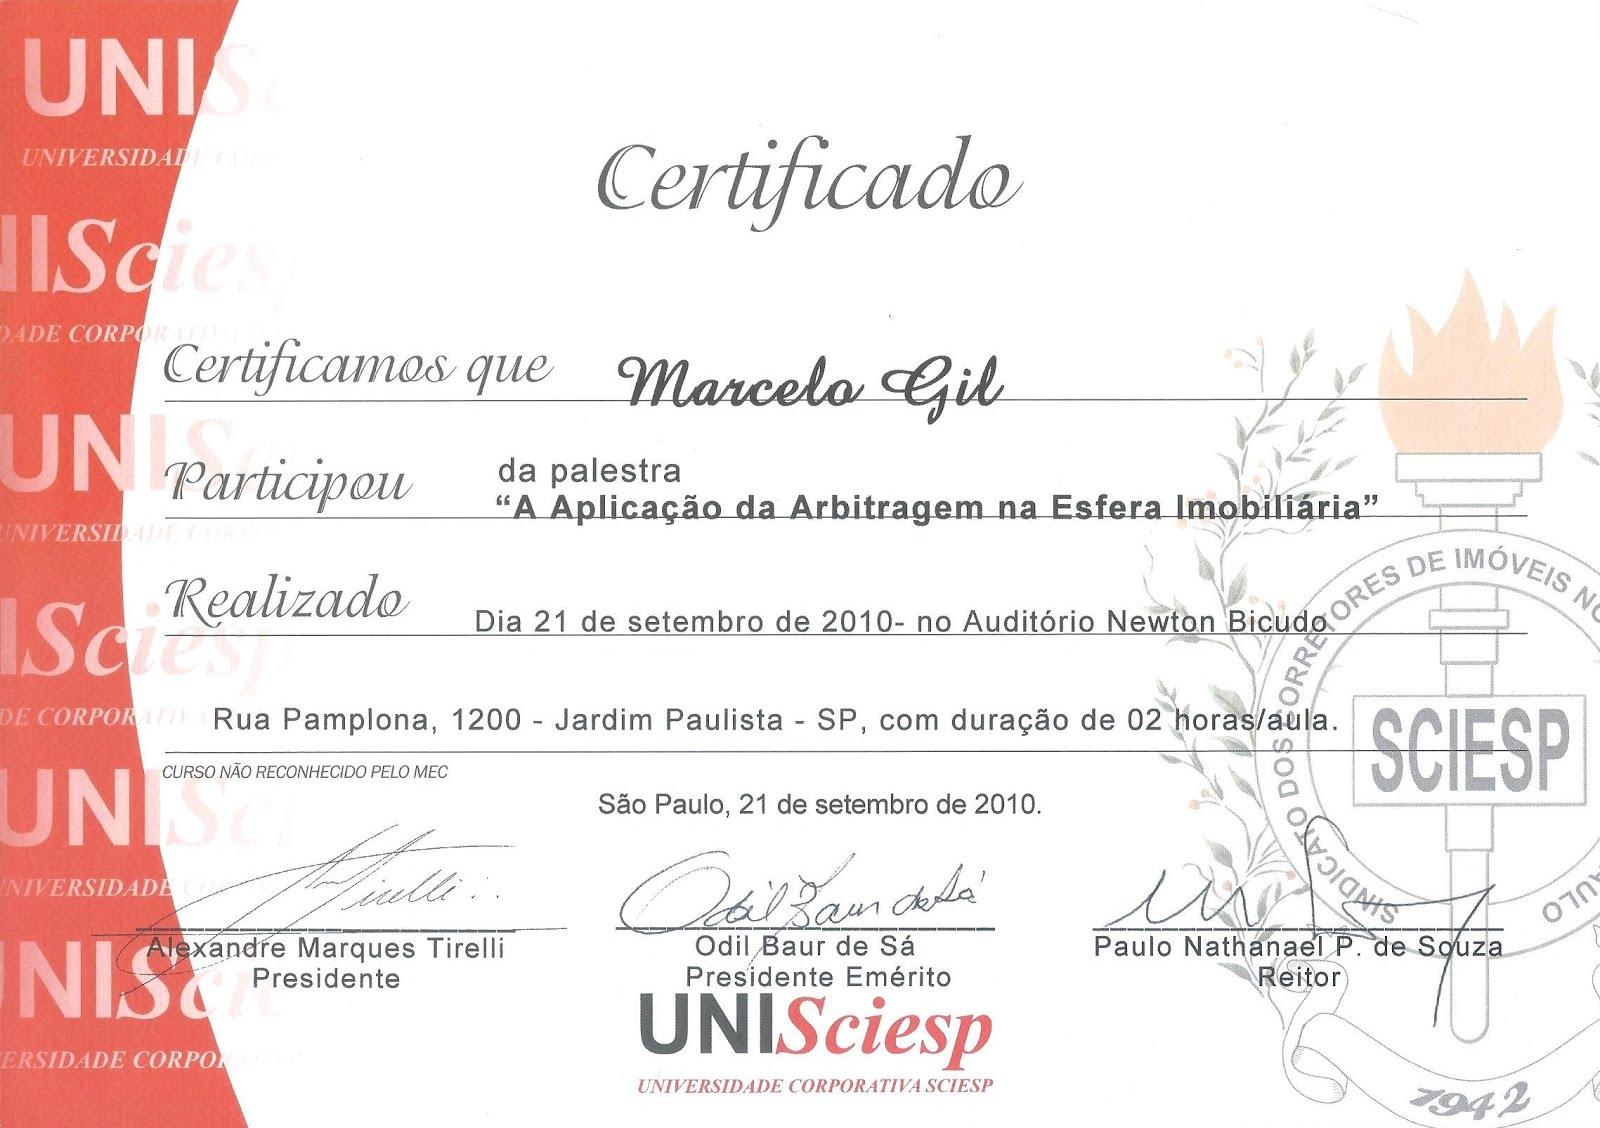 CERTIFICADO DE PARTICIPAÇÃO EM PALESTRA DA UNIVERSIDADE CORPORATIVA SCIESP / 21.09.2010